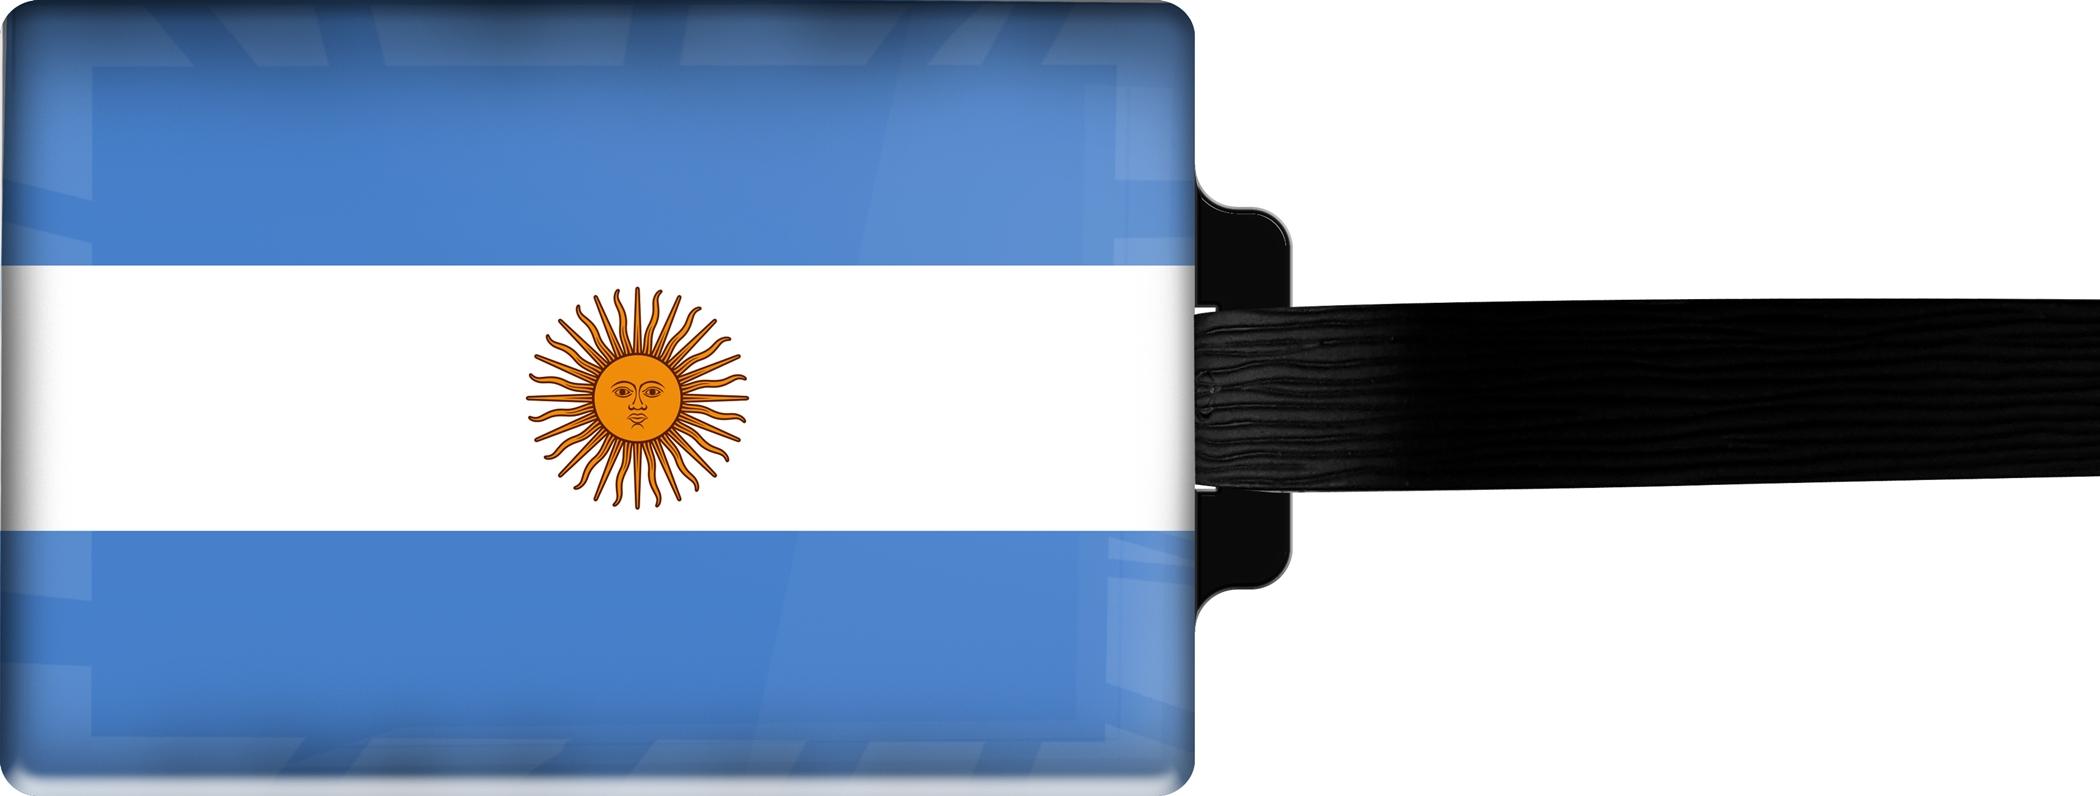 Hochwertiger Gepäckanhänger aus Acrylglas | FLAGGE ARGENTINIEN | metALUm #00080